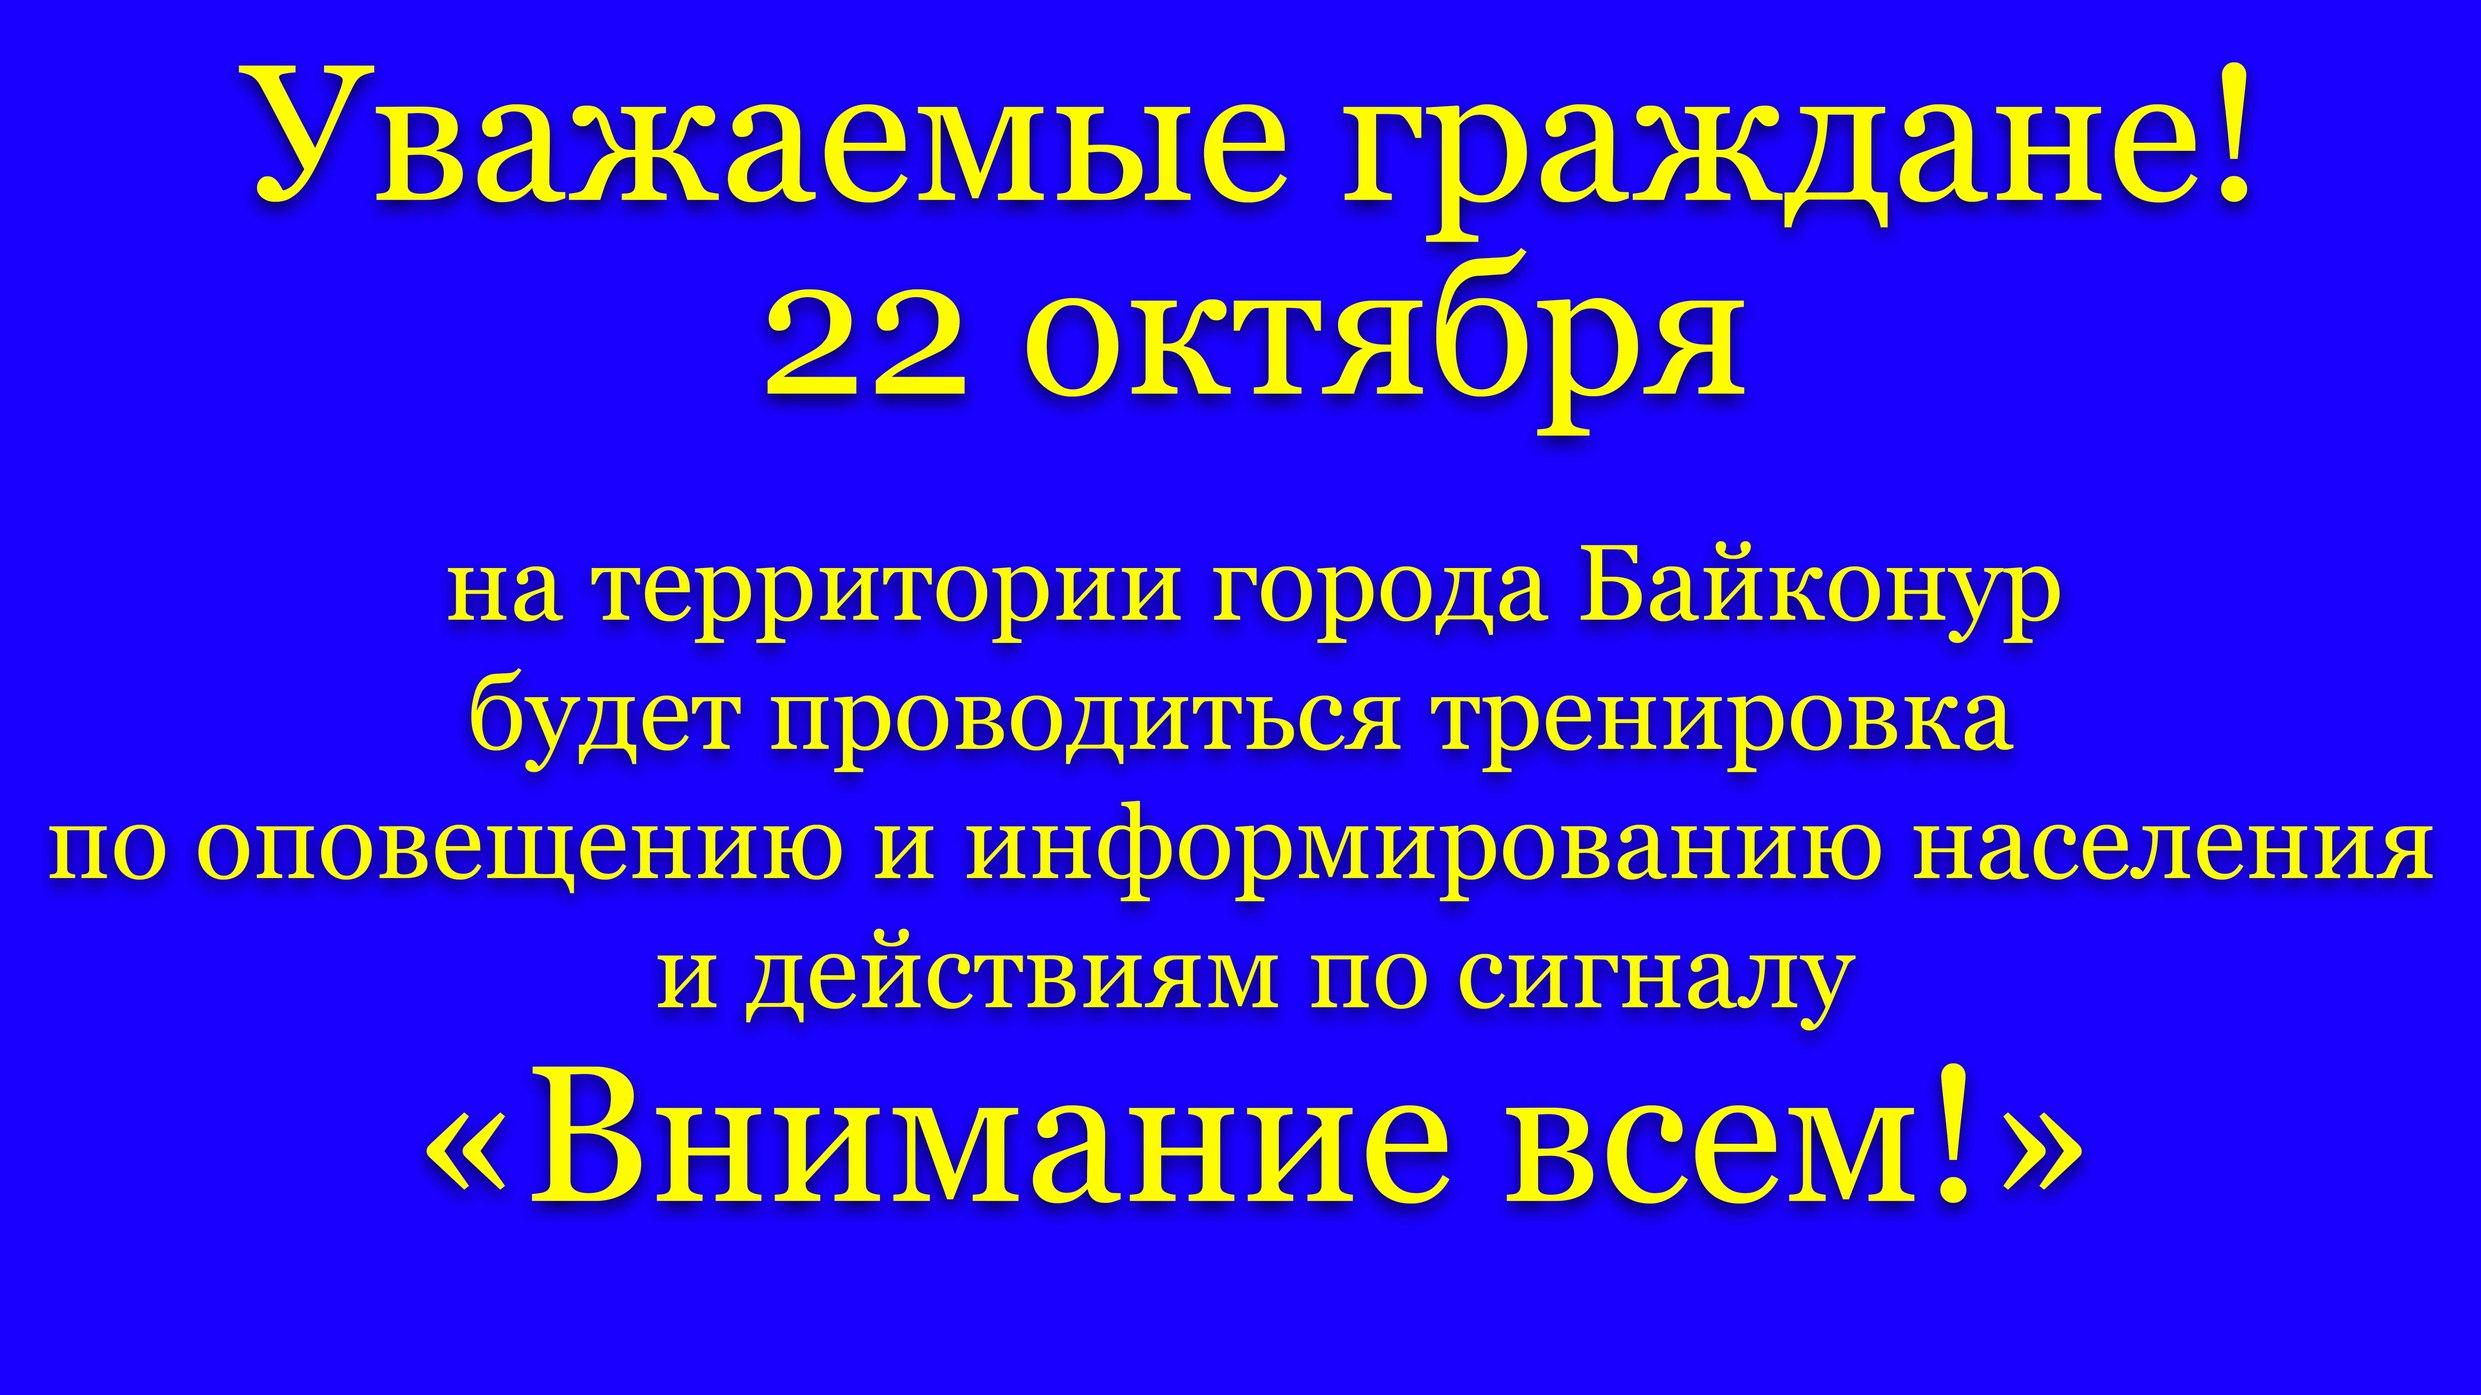 22 октября пройдёт тренировка по оповещению и информированию населения и действиям по сигналу «Внимание всем!»